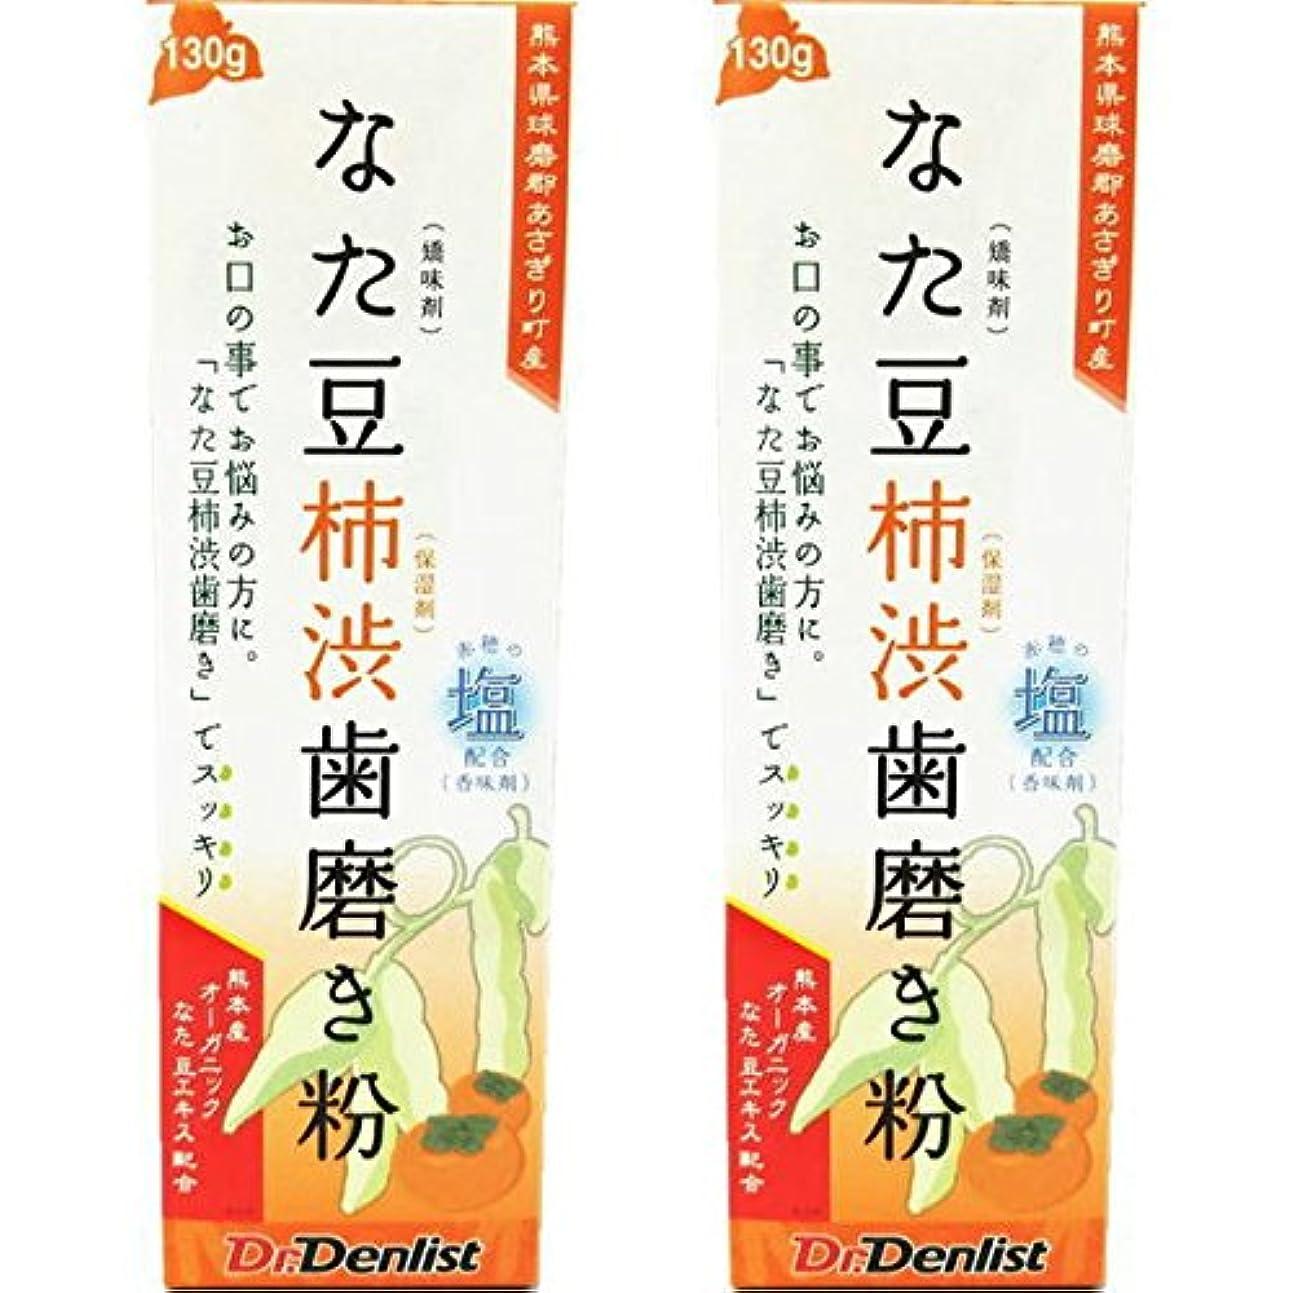 悪い評価ホールドなた豆柿渋歯磨き 130g 2個セット 国産 有機なた豆使用 赤穂の塩配合(香味剤)